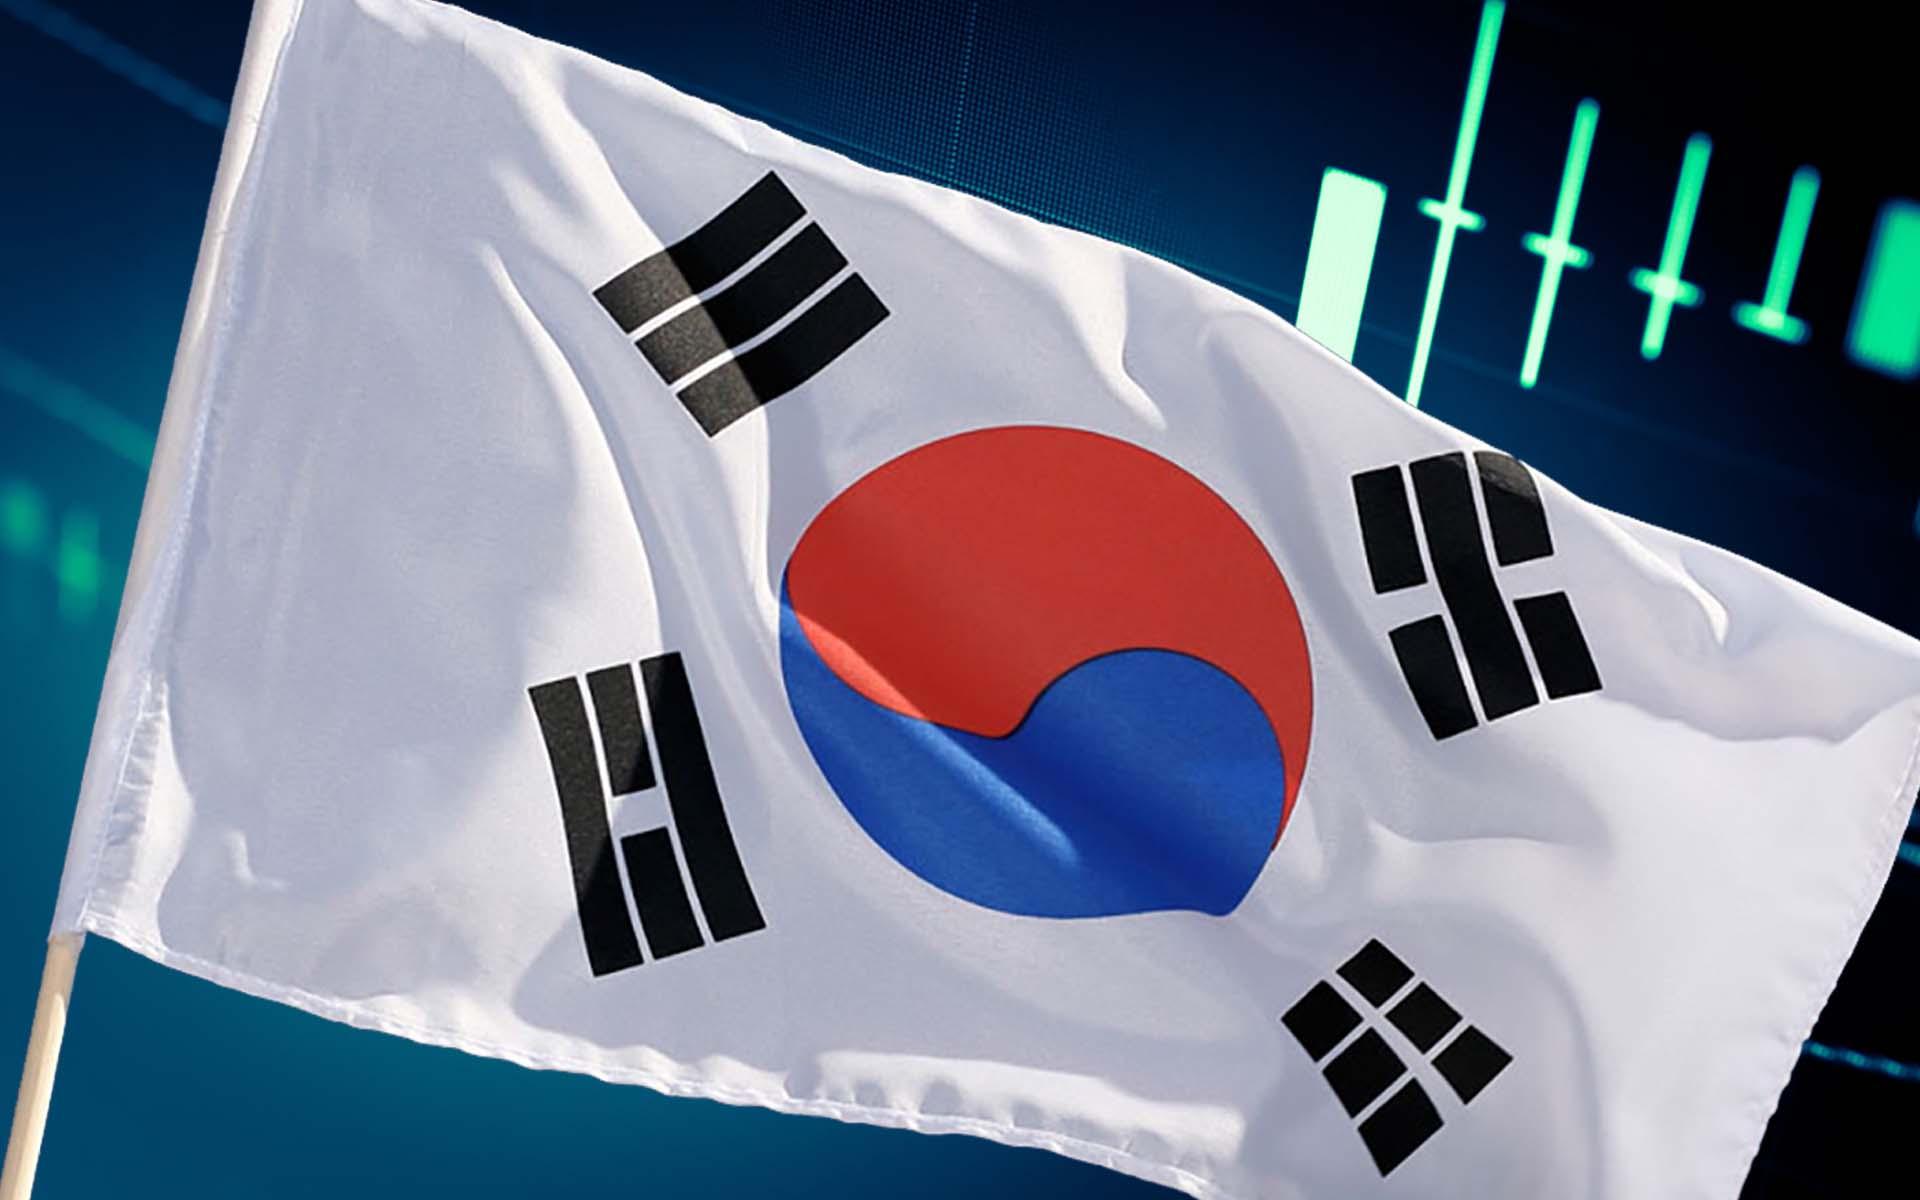 South Korea won't ban crypto trading